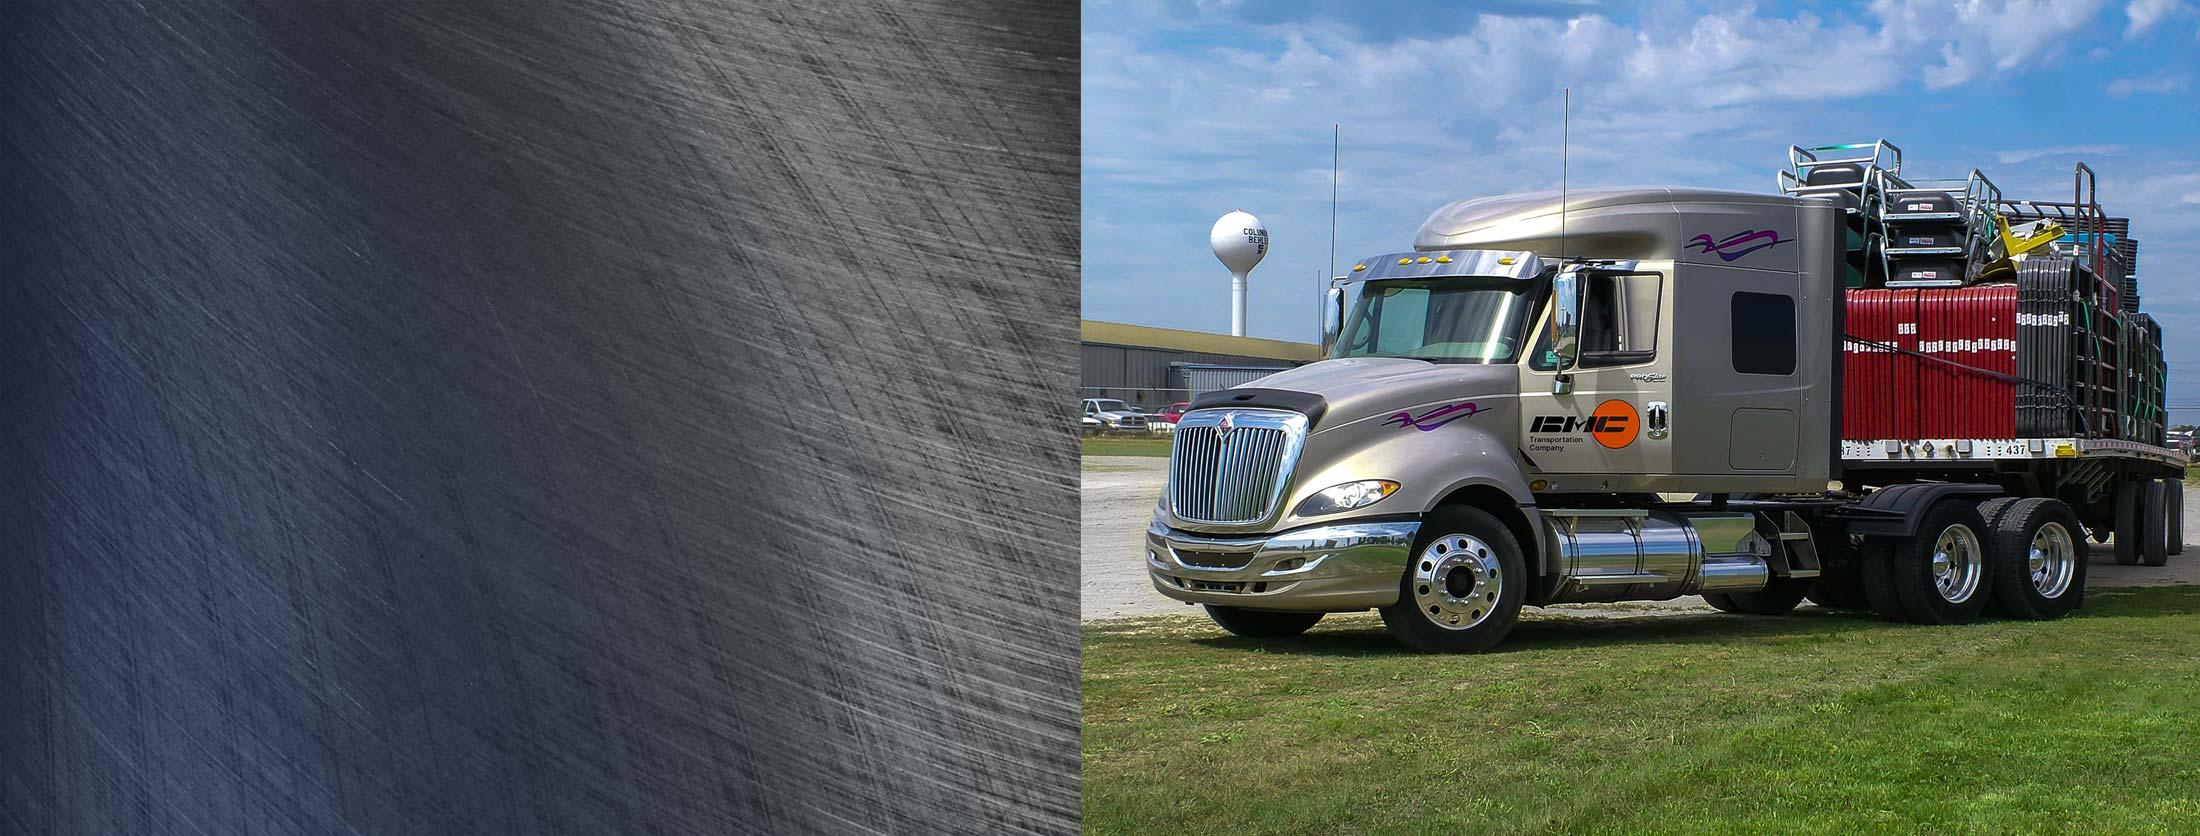 Truck4a